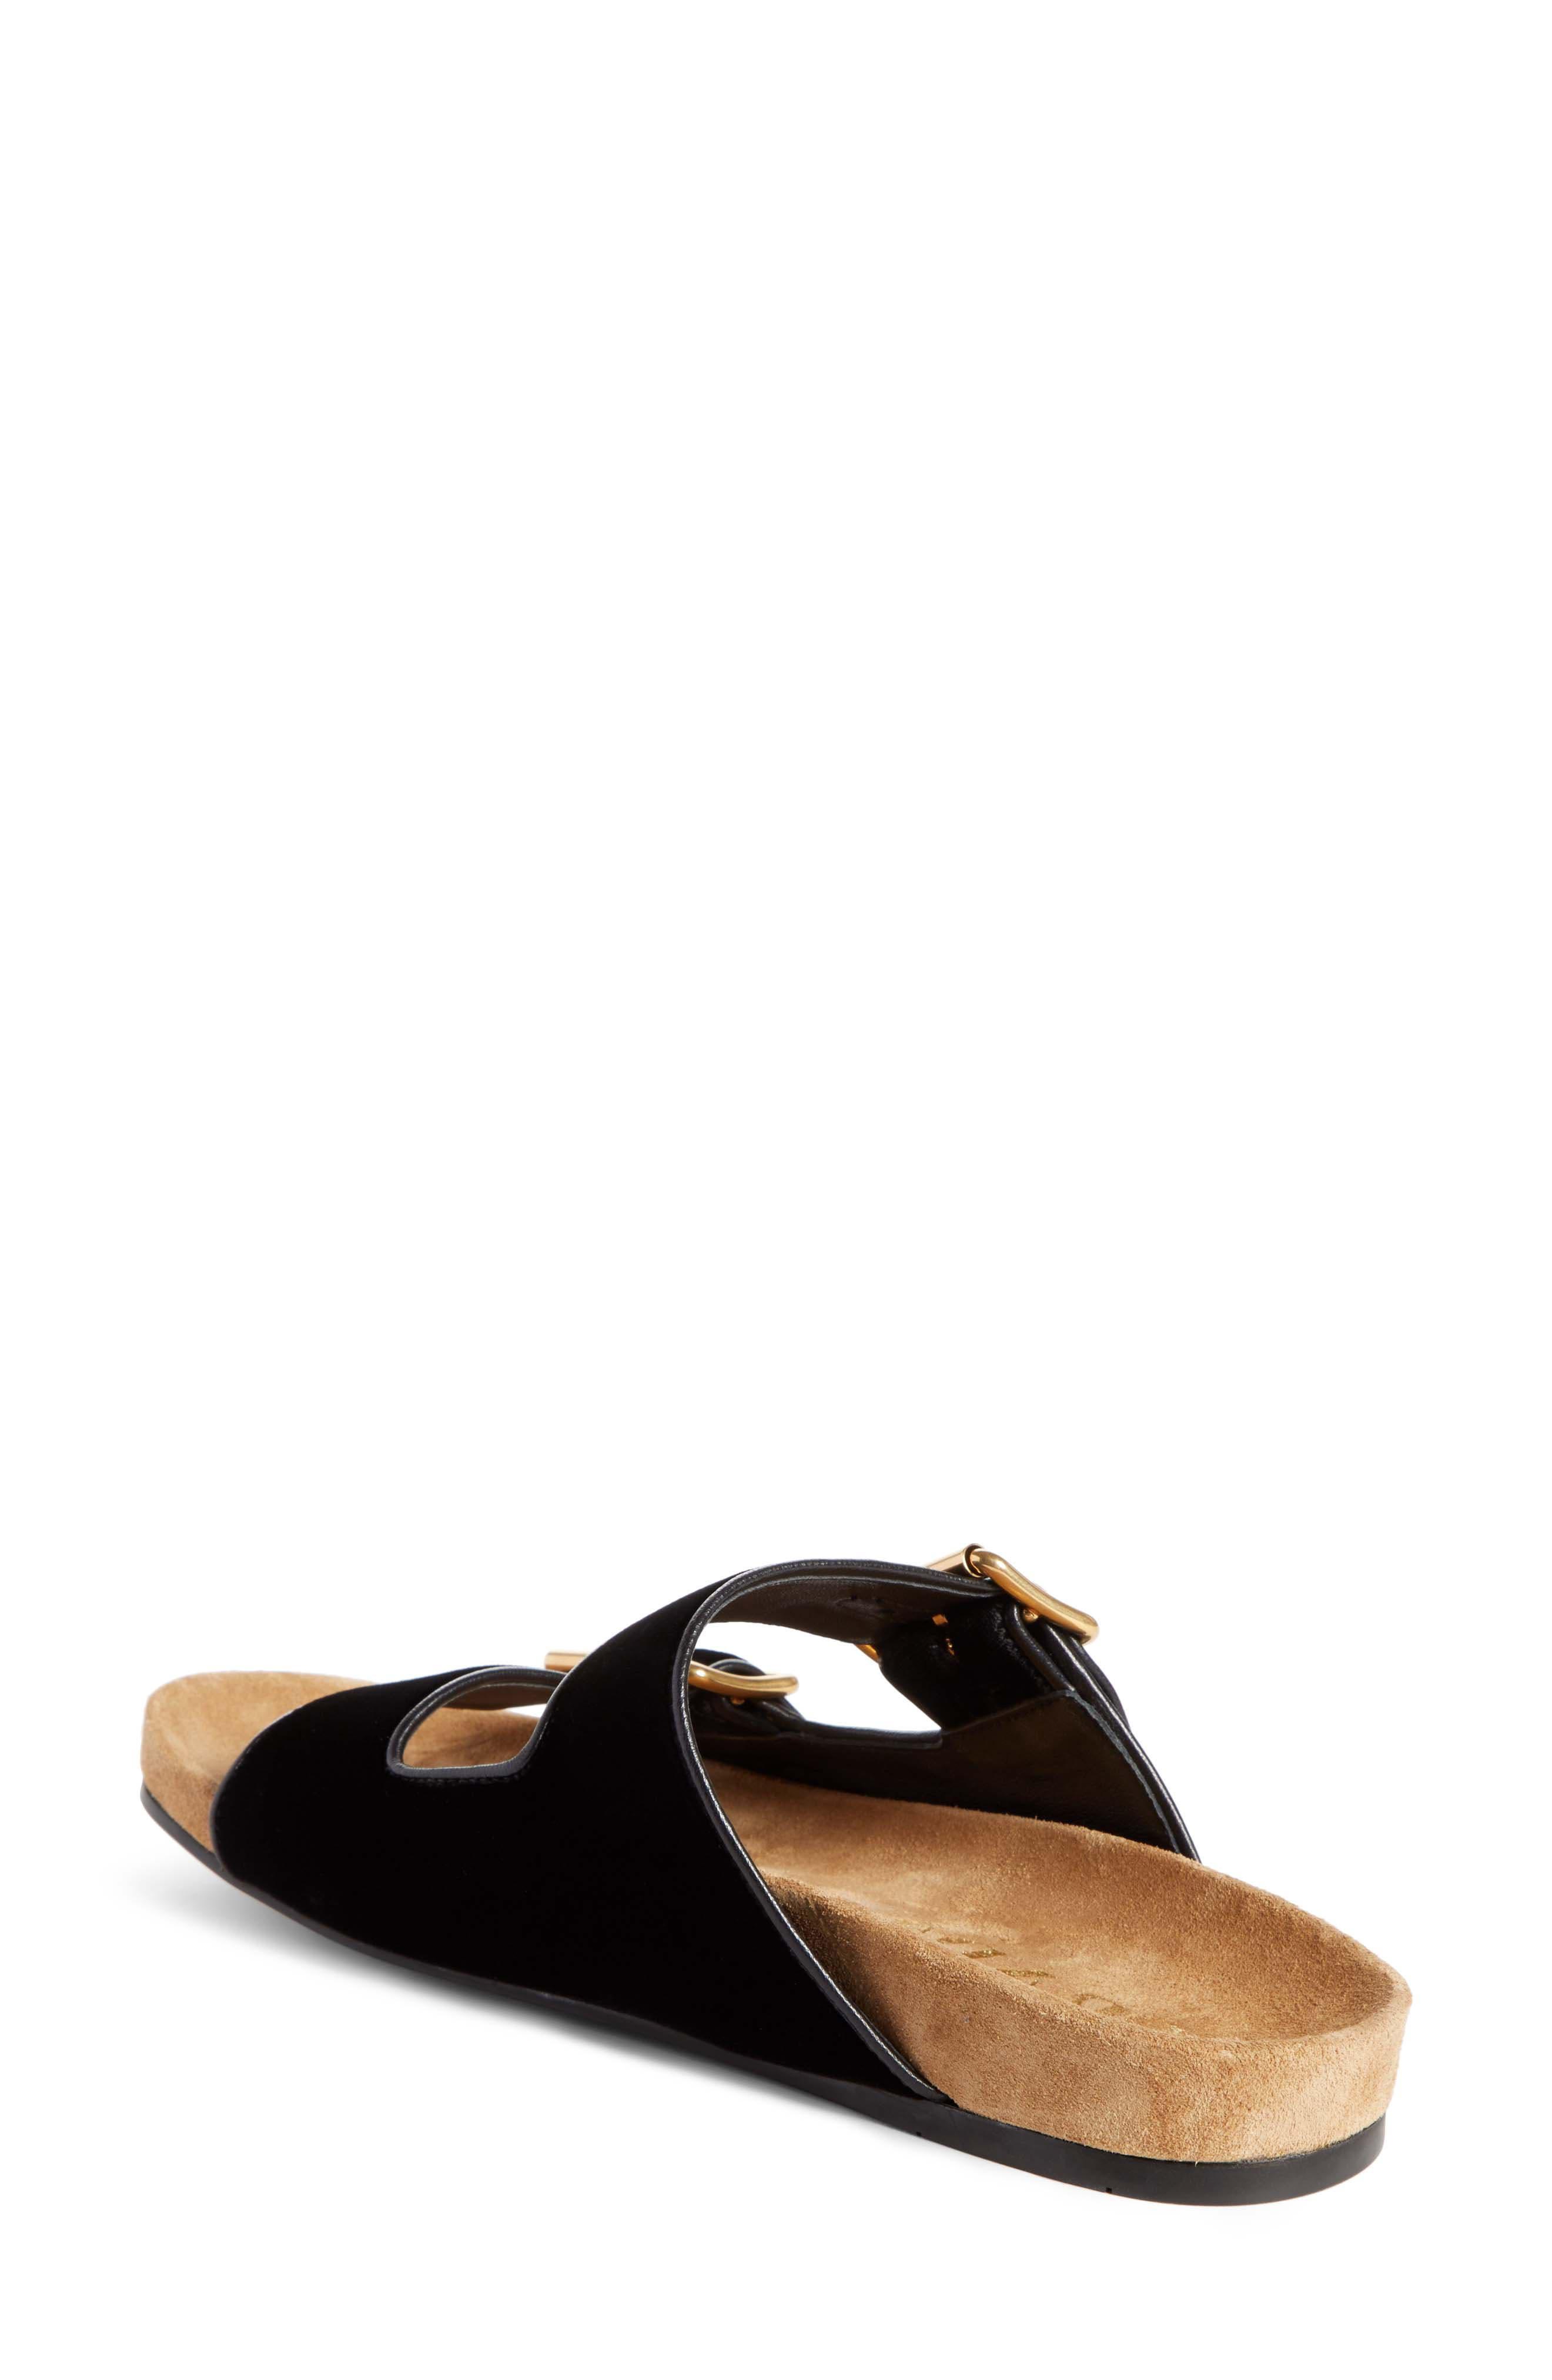 PRADA,                             Slide Sandal,                             Alternate thumbnail 2, color,                             001